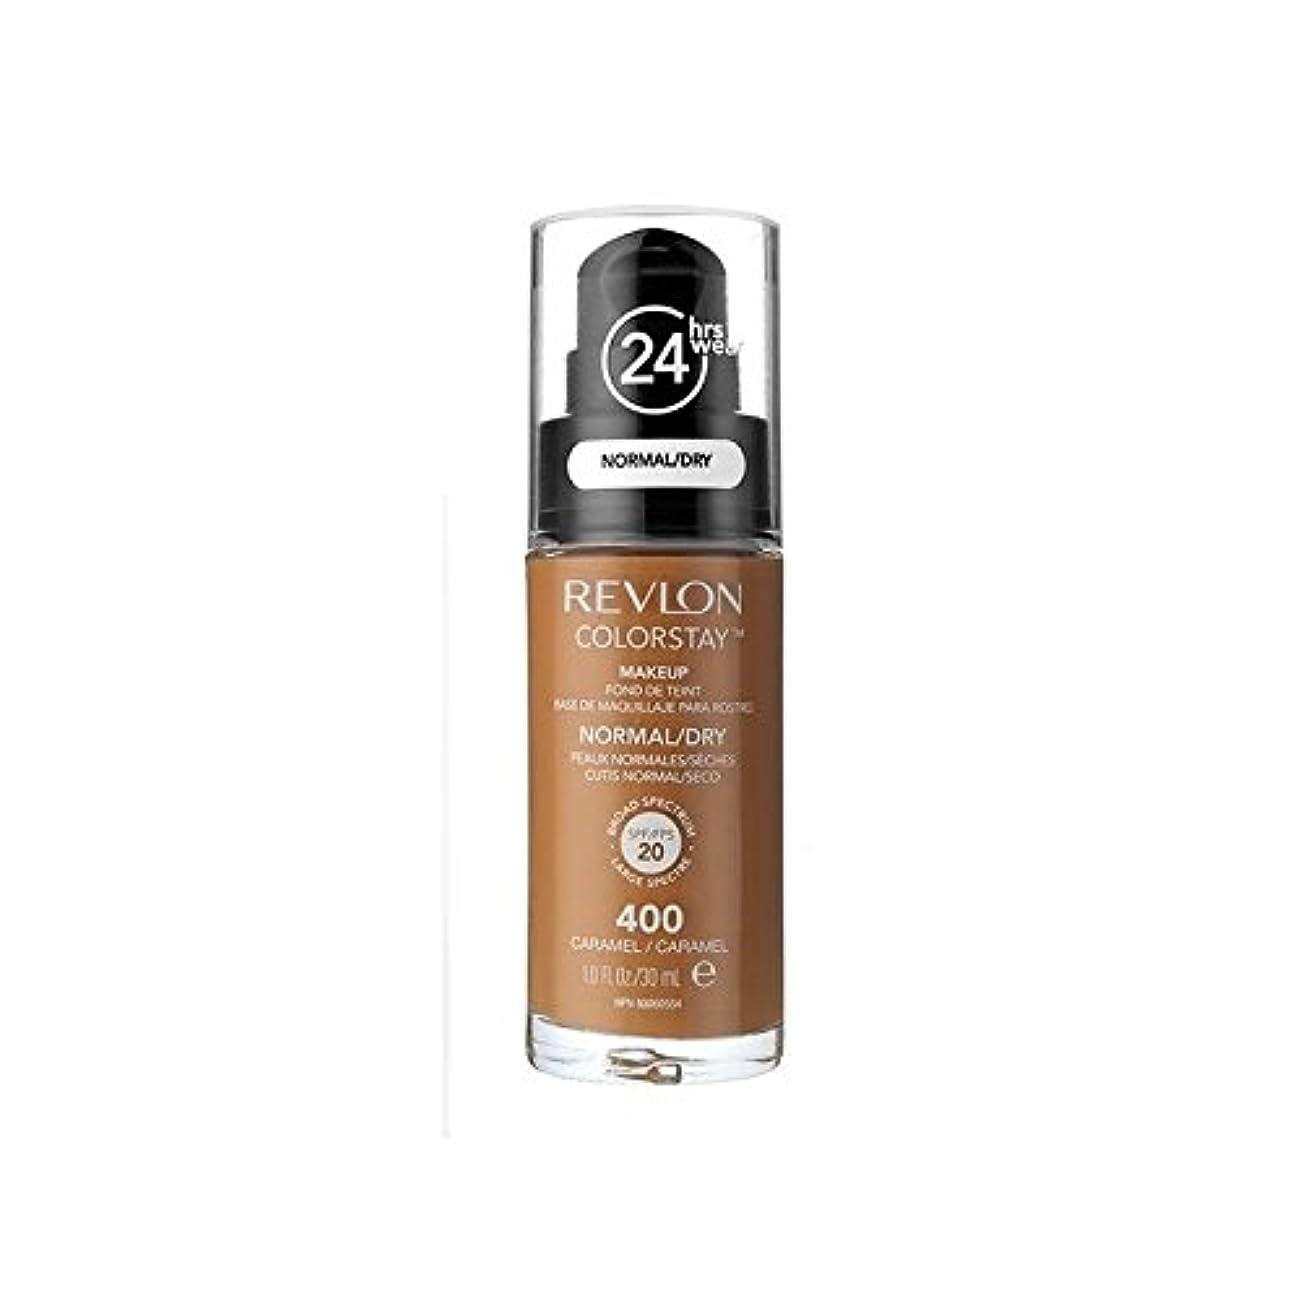 読書メッセージ奴隷レブロンの基礎通常の乾燥肌キャラメル x2 - Revlon Colorstay Foundation Normal Dry Skin Caramel (Pack of 2) [並行輸入品]